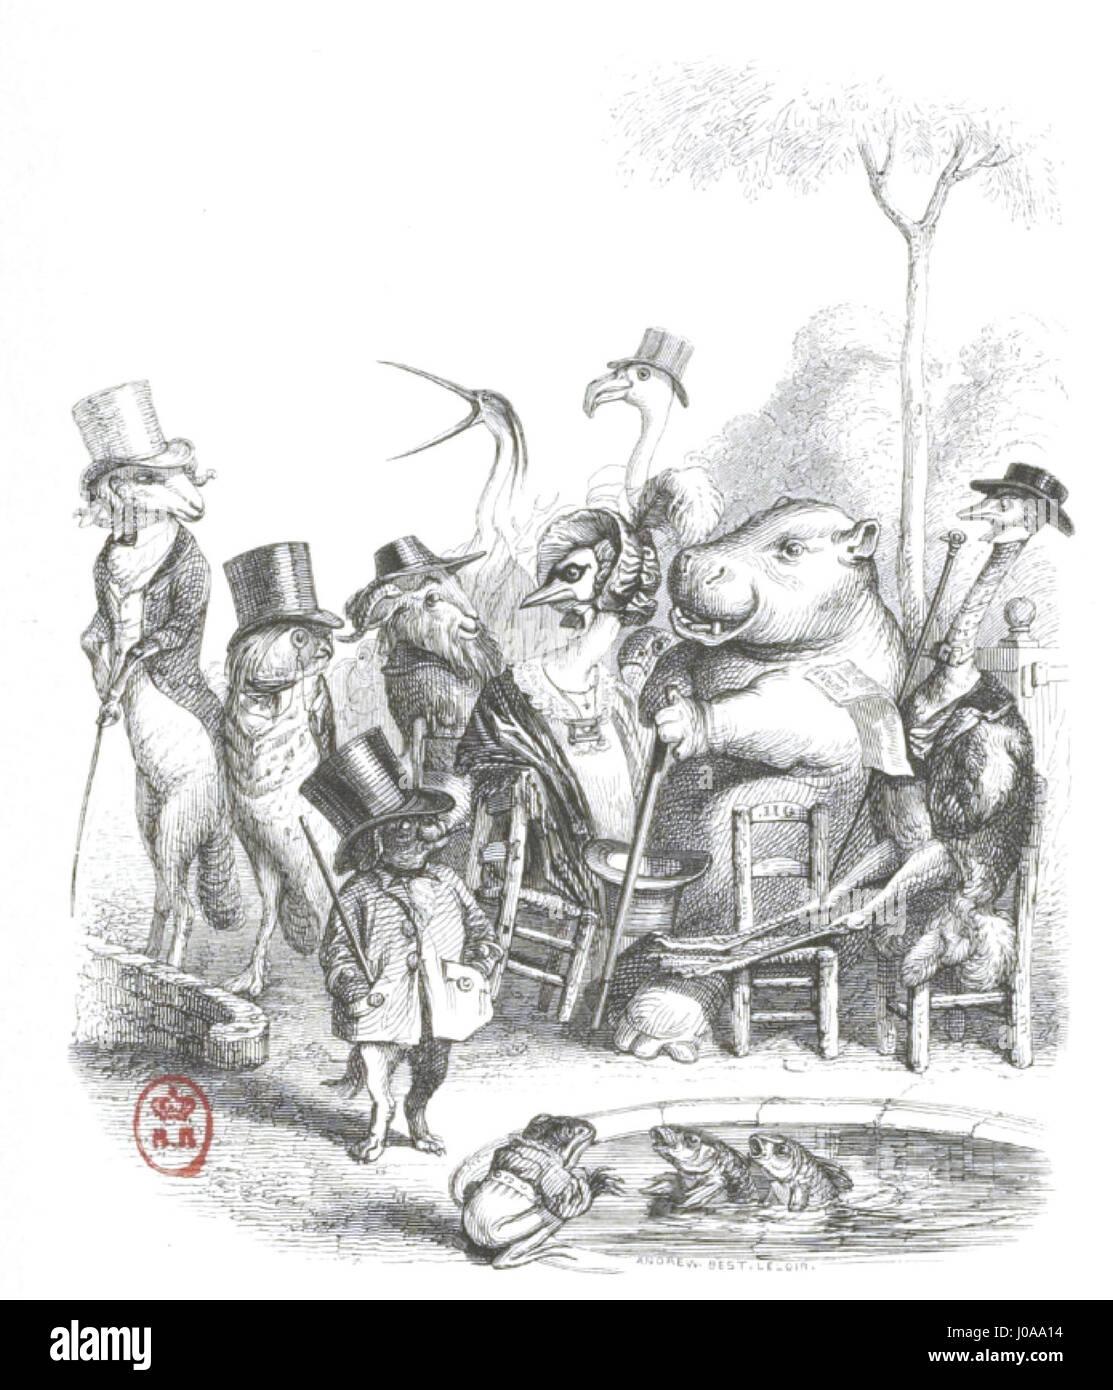 Scènes de la vie privée et publique des animaux, tome 1 0107 - Stock Image